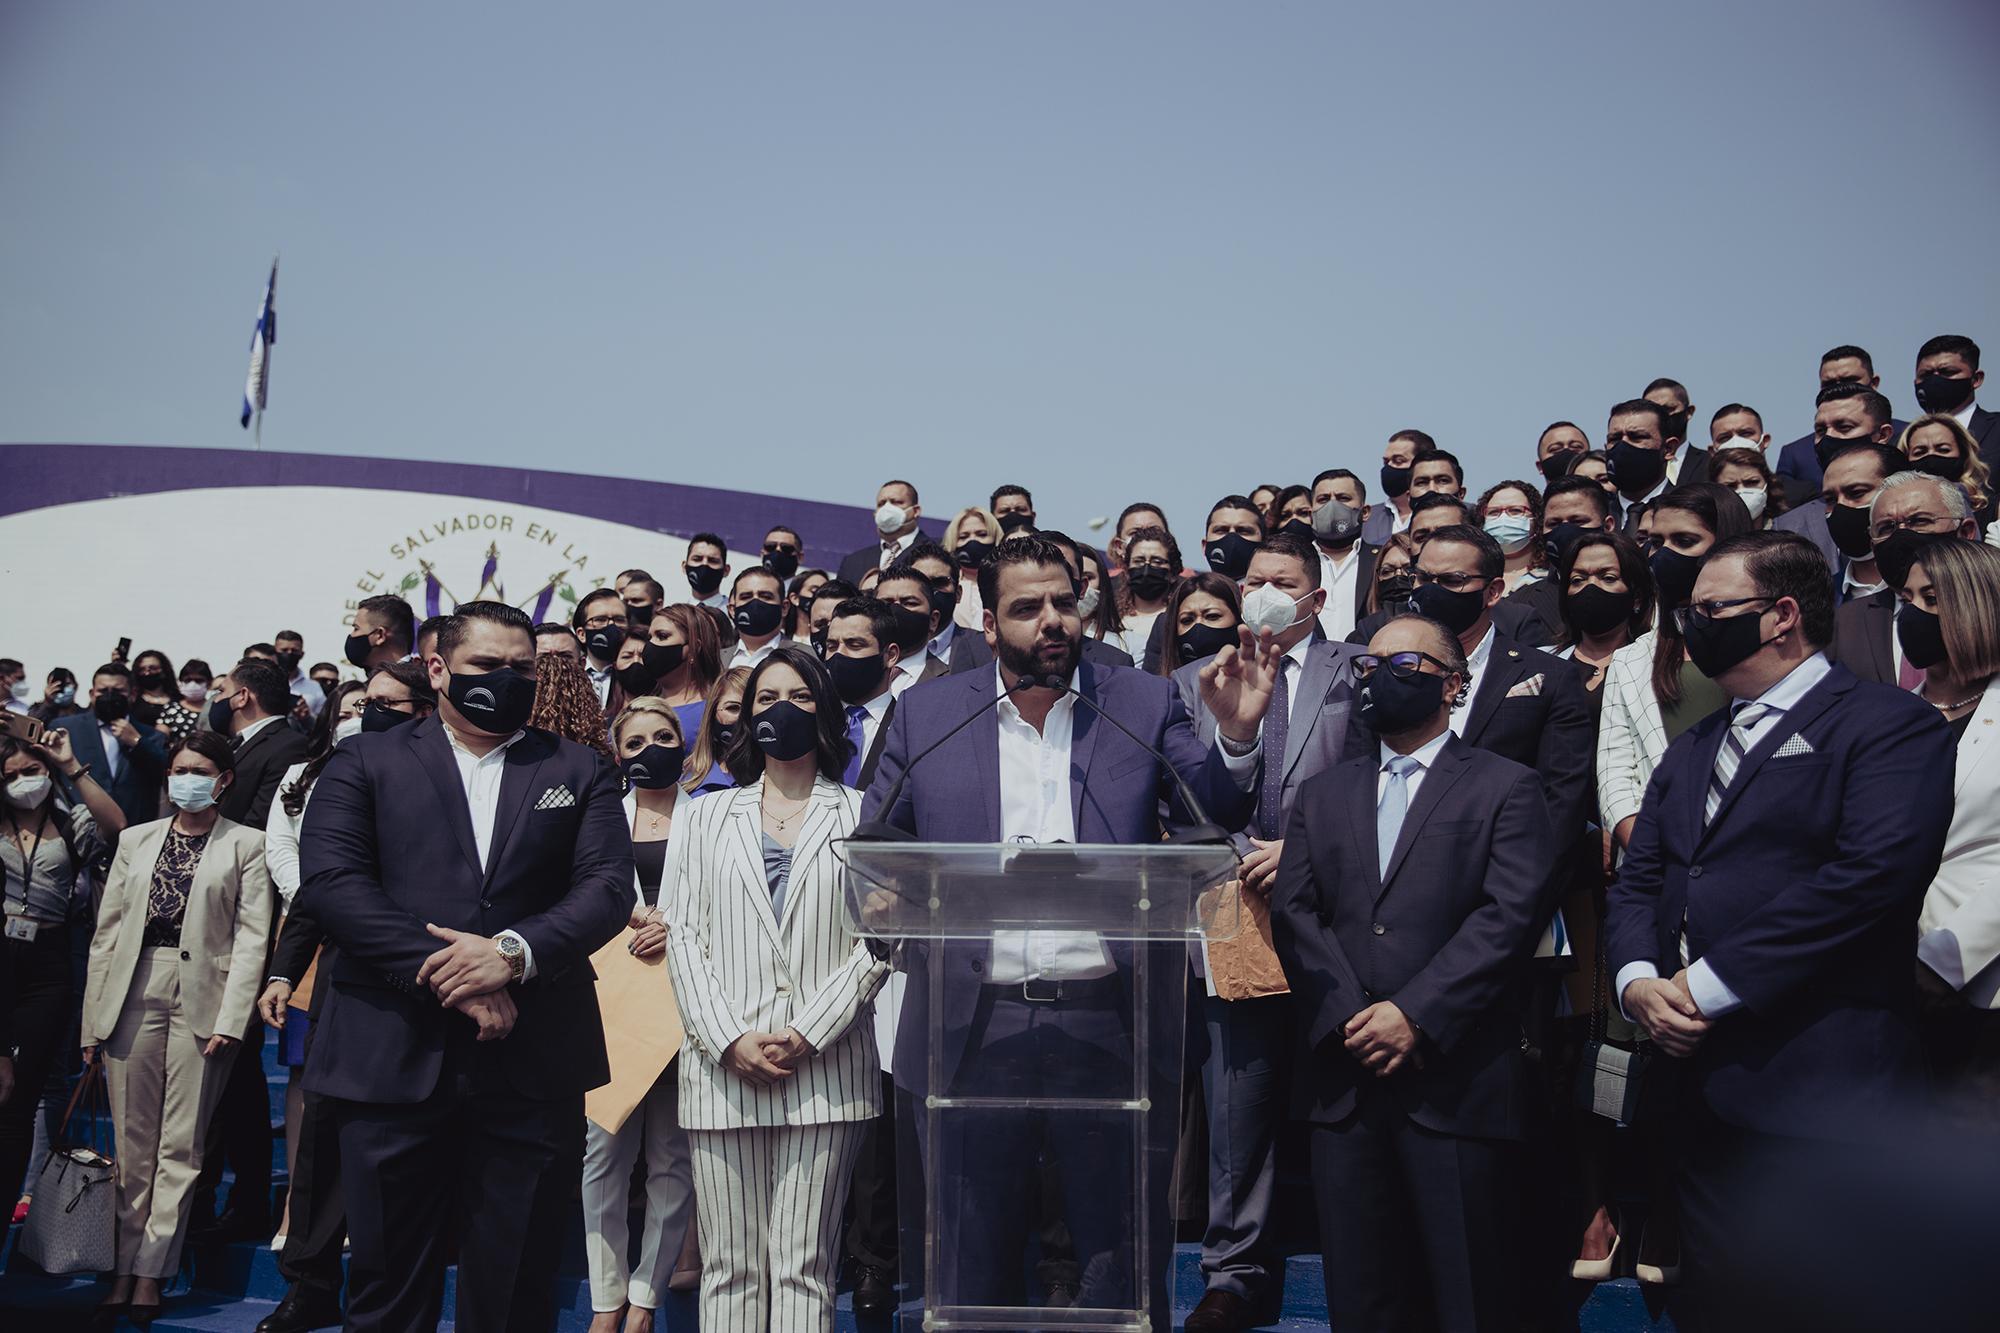 EL presidente de Nuevas Ideas, Xavier Zablah Bukele, acompaño a los diputados del partido a la toma de posesión en la Asamblea Legislativa y brindó declaraciones antes del inicio de la primera plenaria. Foto de El Faro: Carlos Barrera